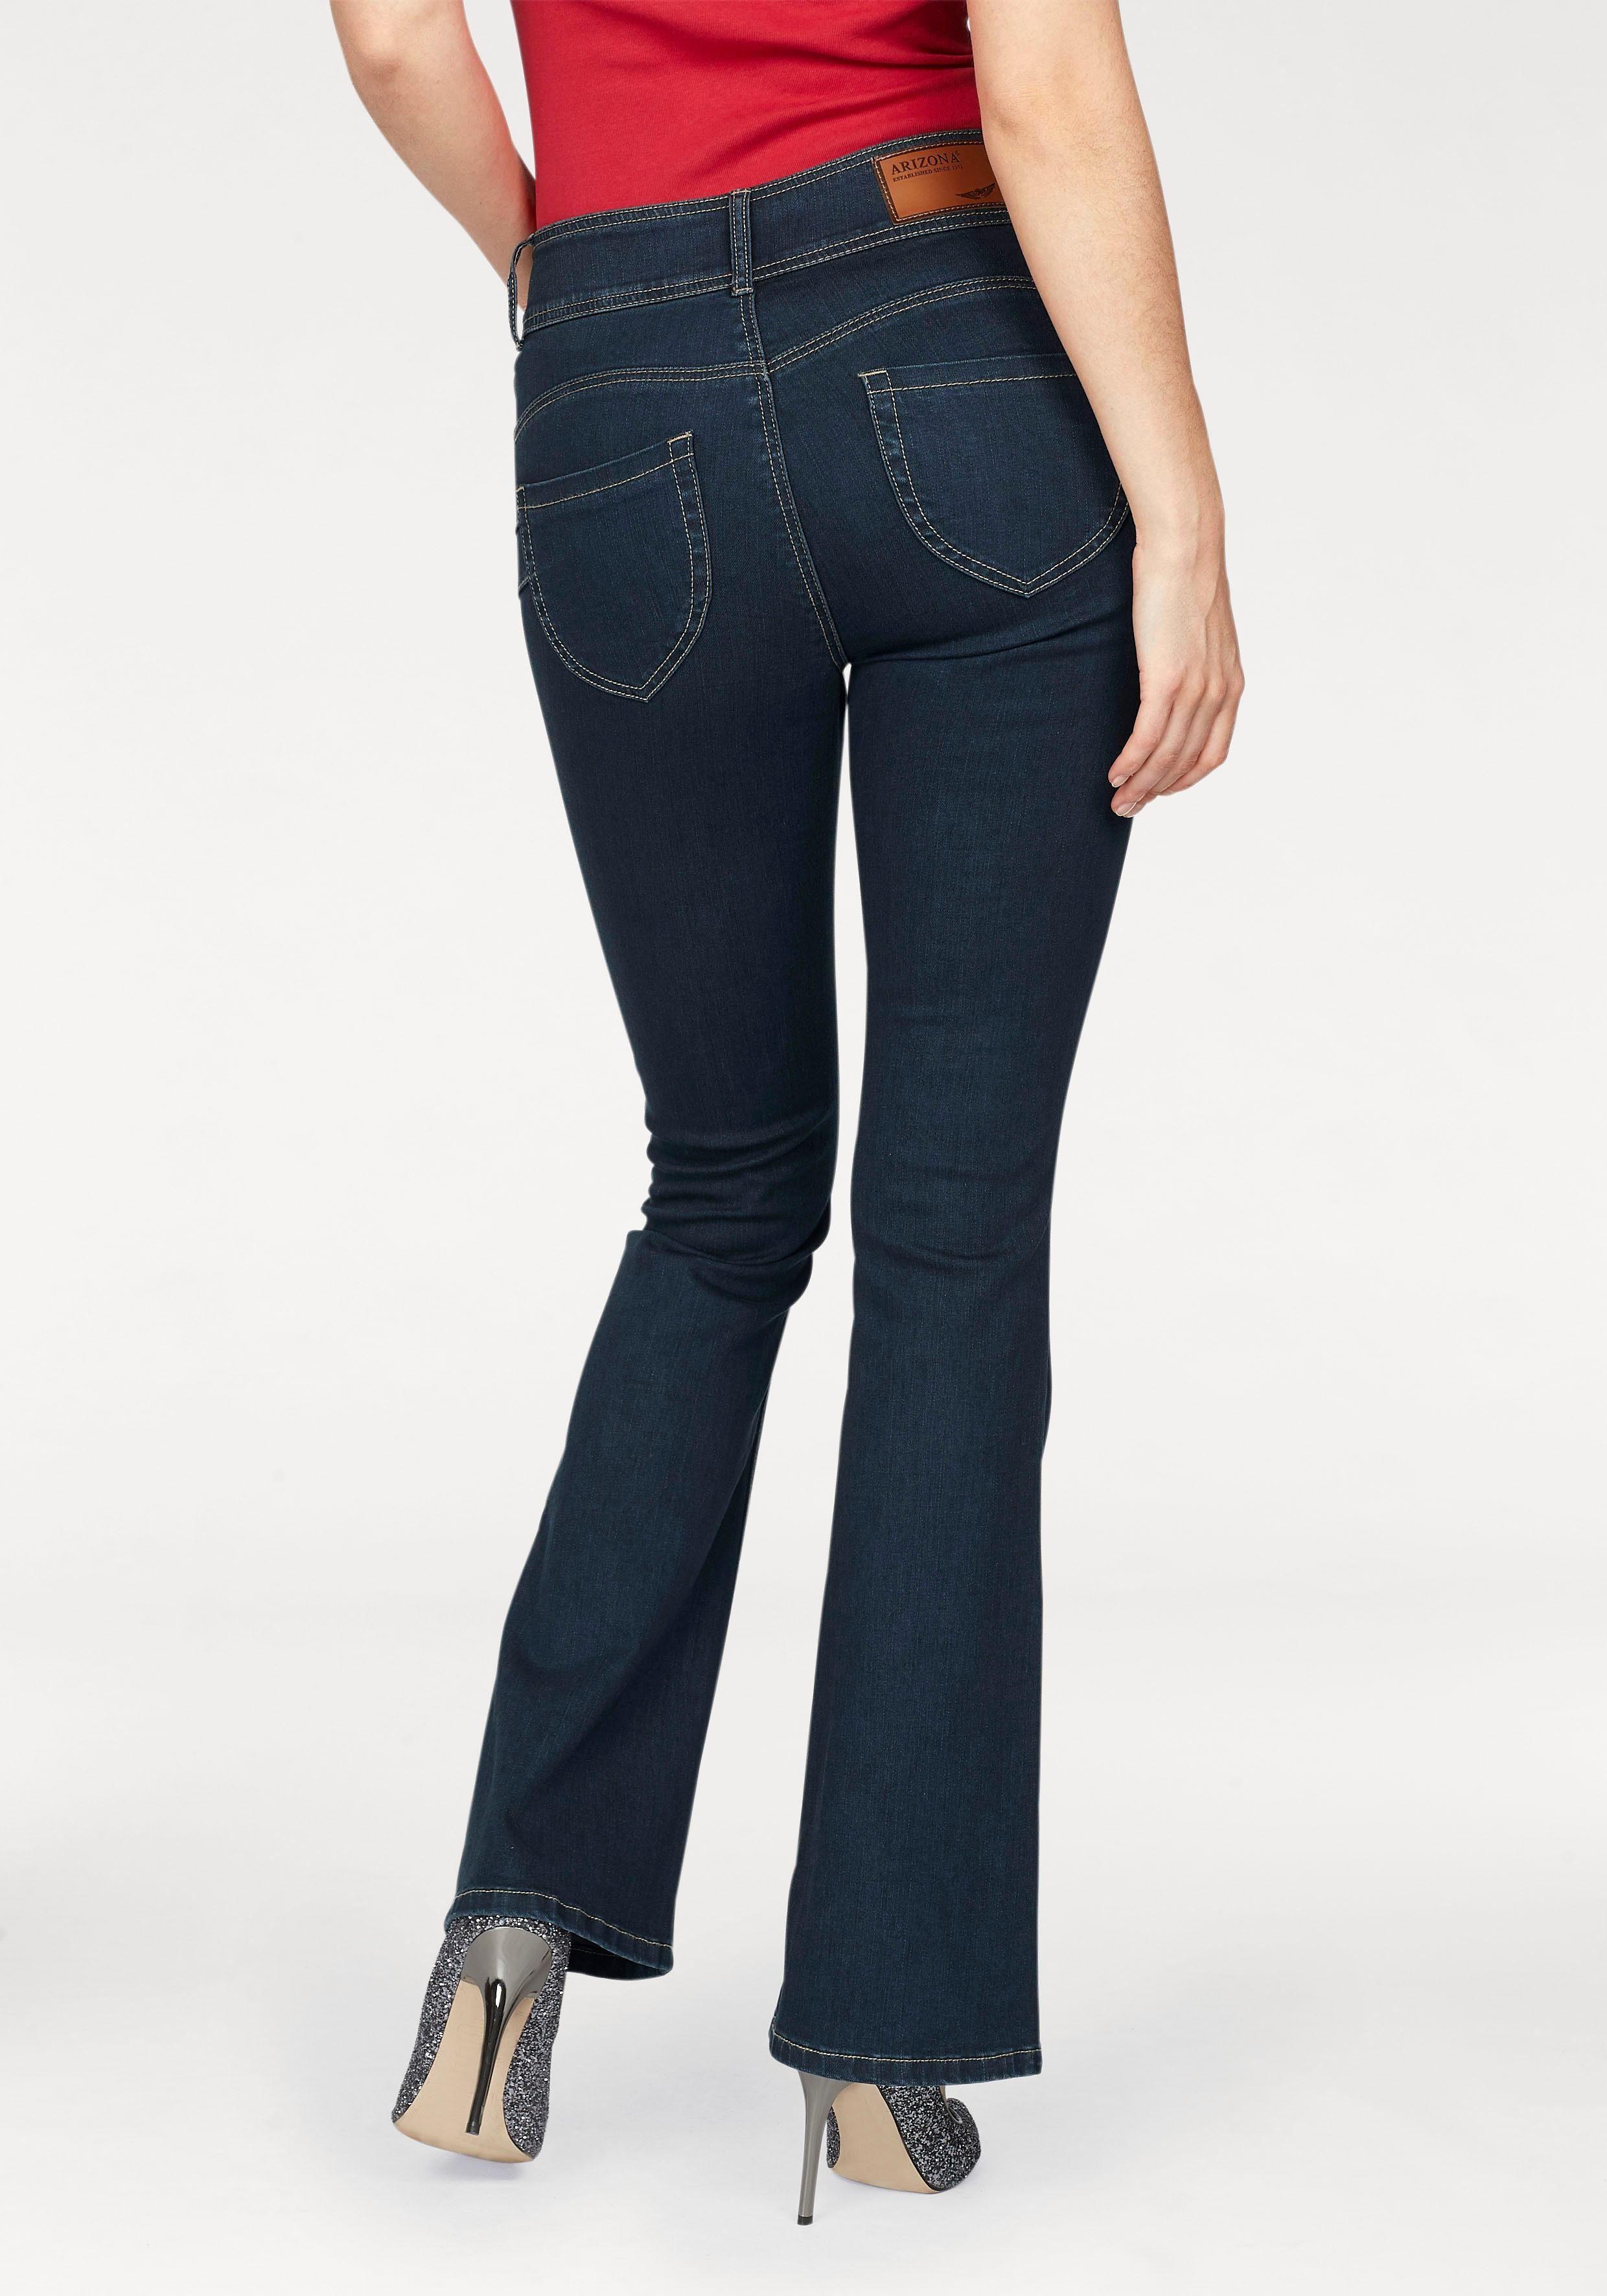 ARIZONA HIGH WAIST Bootcut Jeans Gr.34 40 NEU Damen Hose